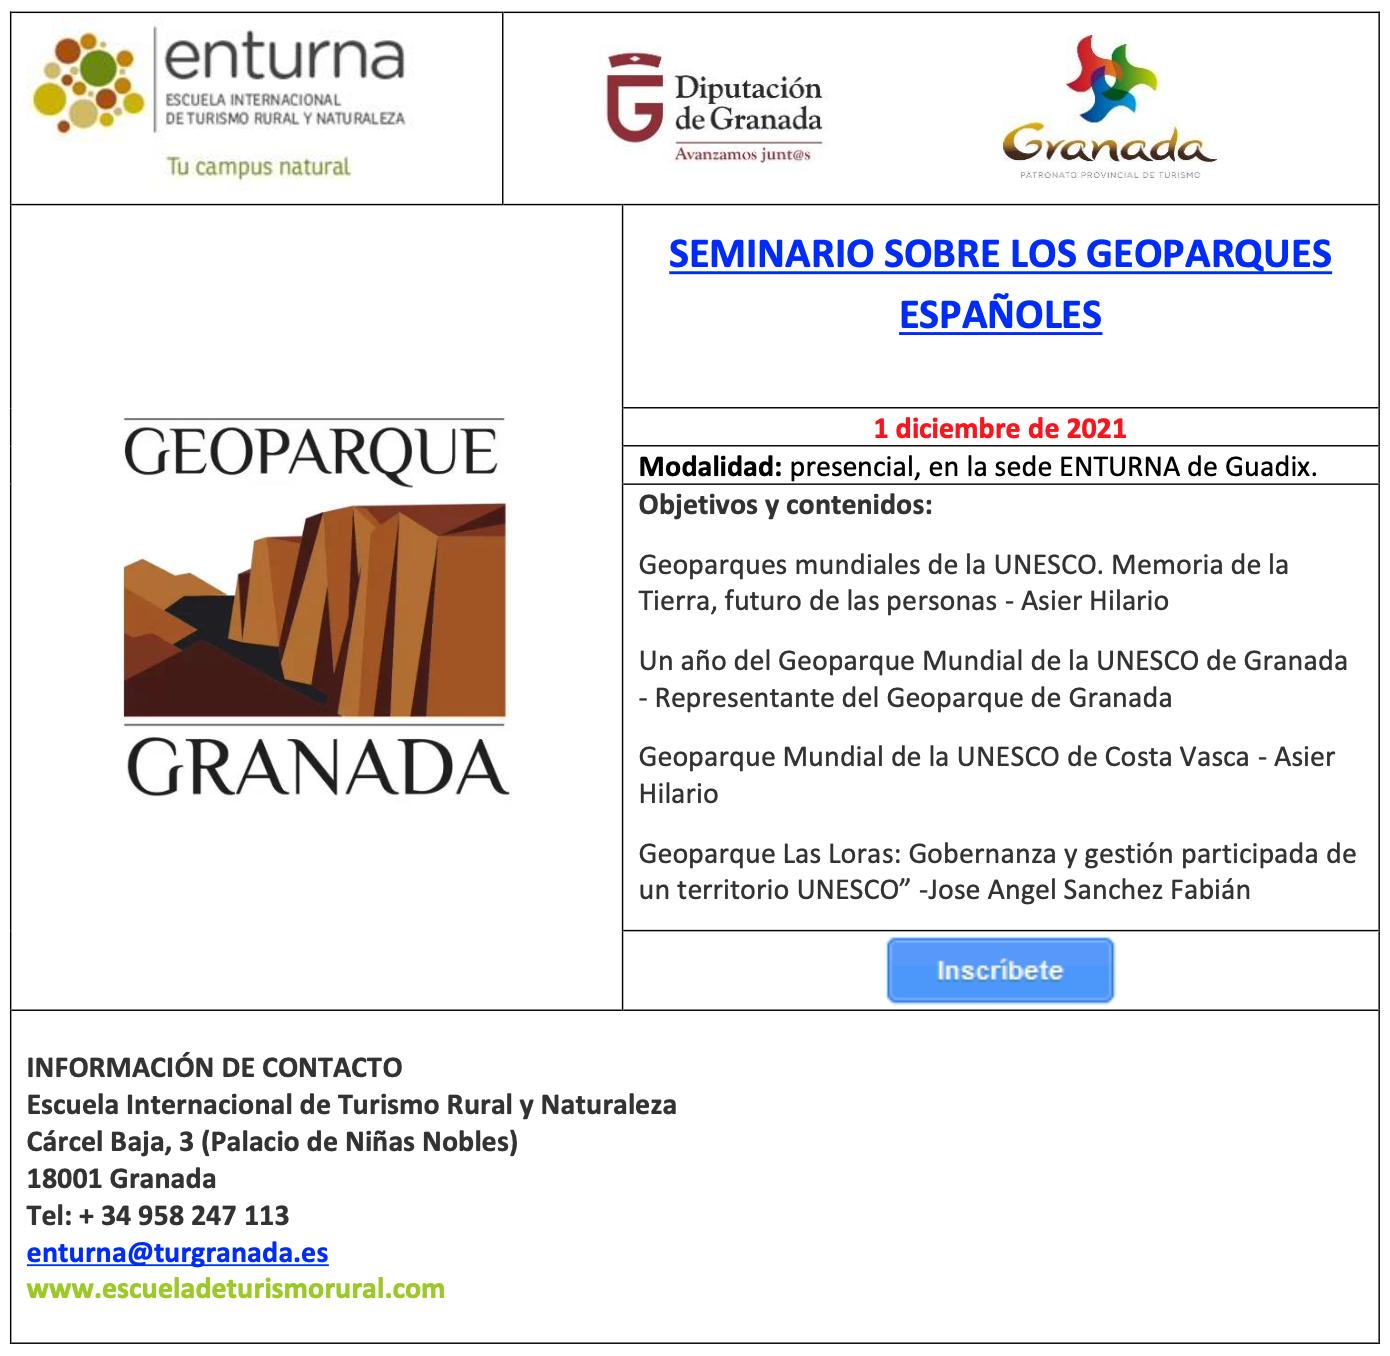 Screenshot 2021 10 11 at 14.34.31 - SEMINARIO SOBRE LOS GEOPARQUES ESPAÑOLES - Geoparque de Granada